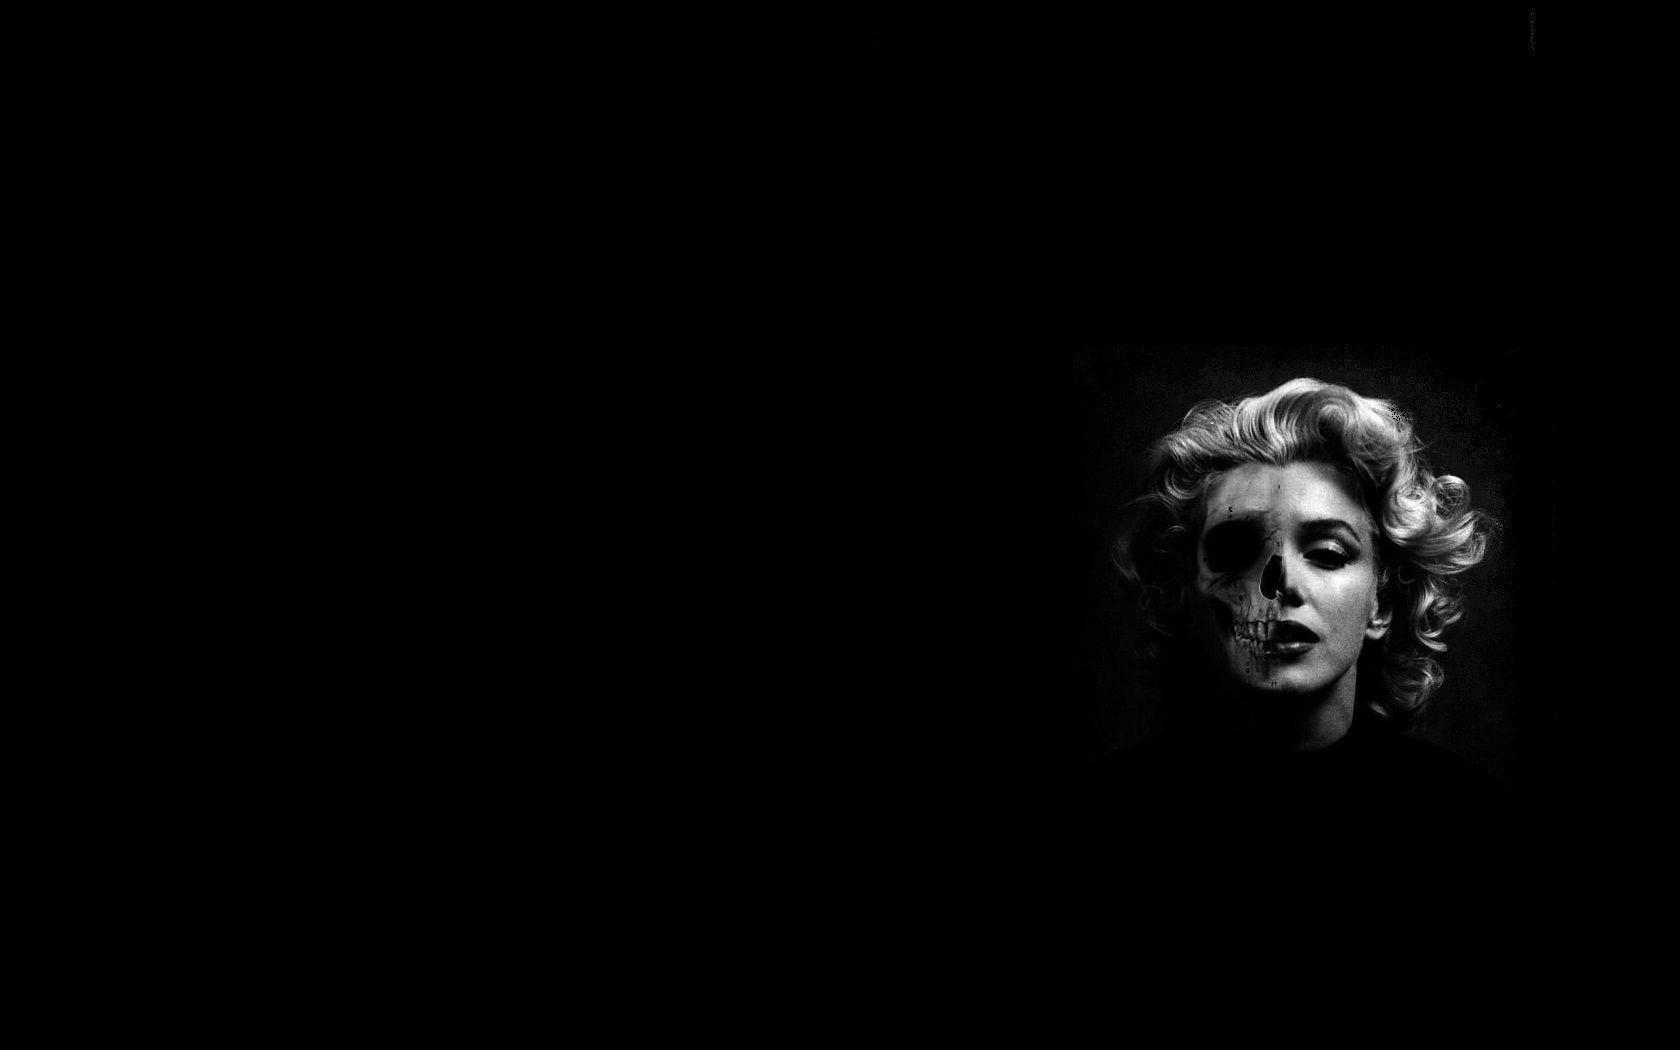 Marilyn Monroe skeleton wallpaper - Skullspiration